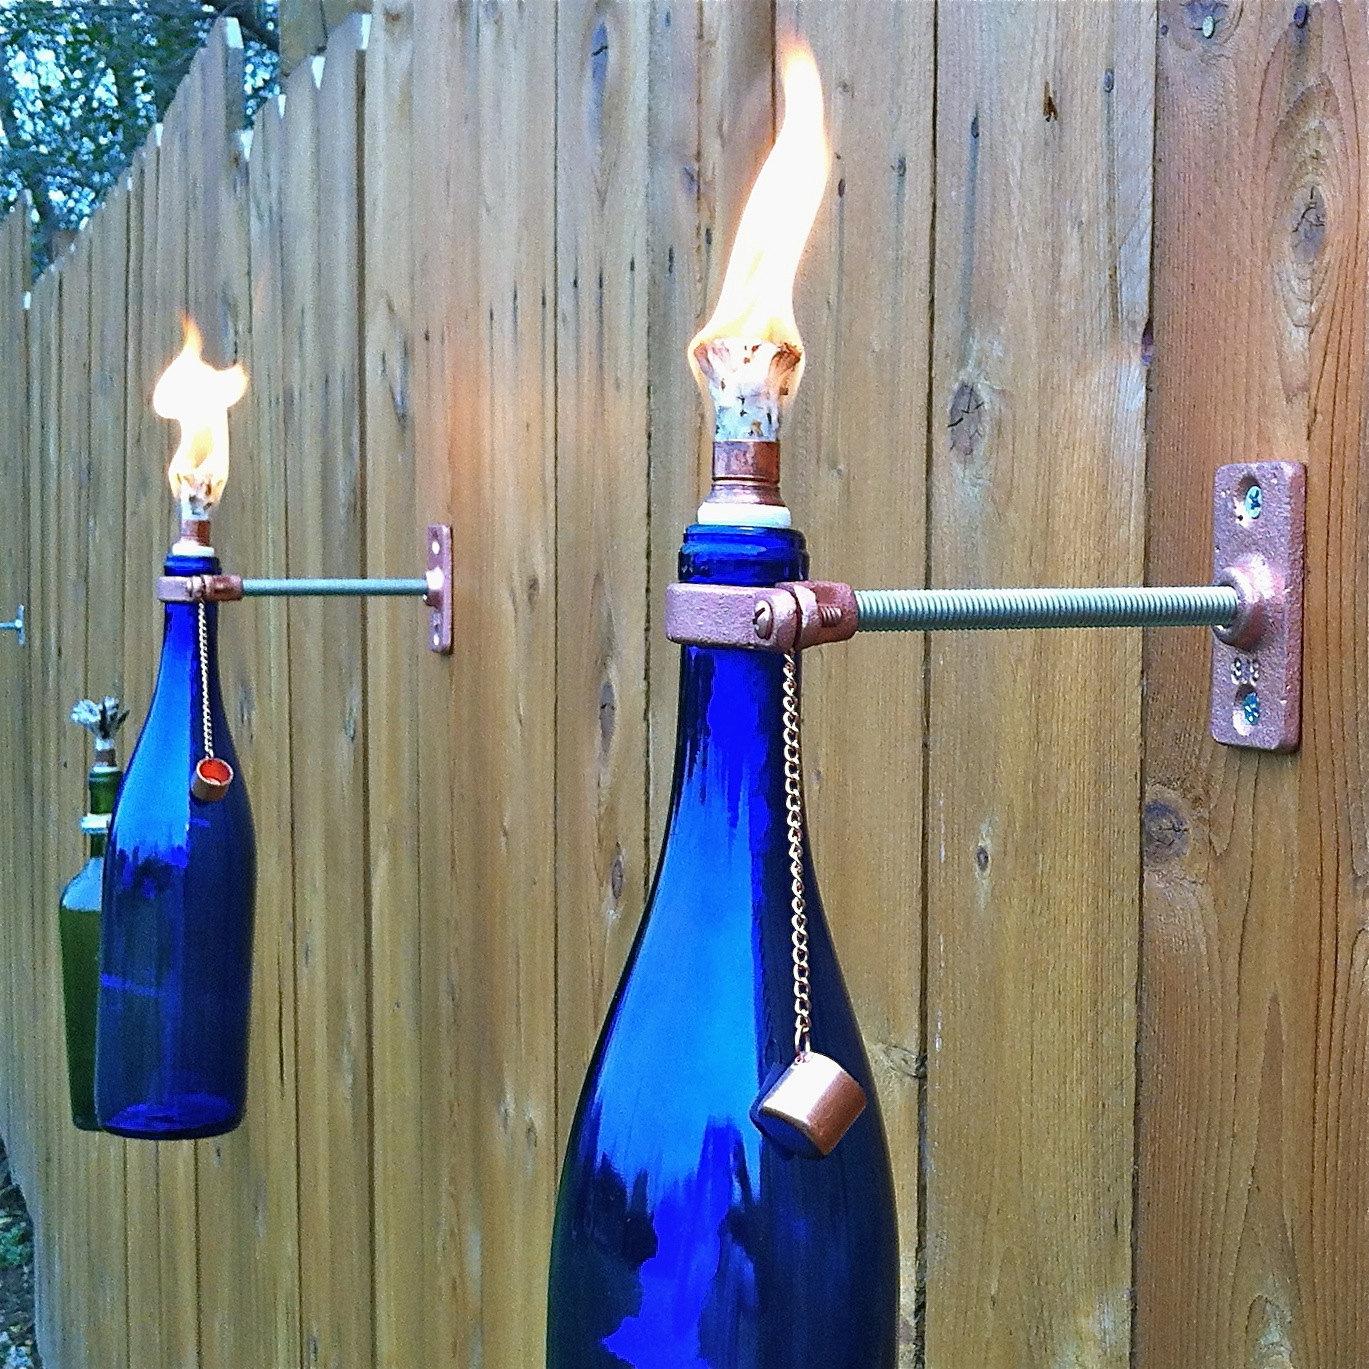 tiki lighting. 1 Cobalt Blue Wine Bottle Tiki Torch - Spring Outdoor Lighting Hanging Lantern Gift For Women